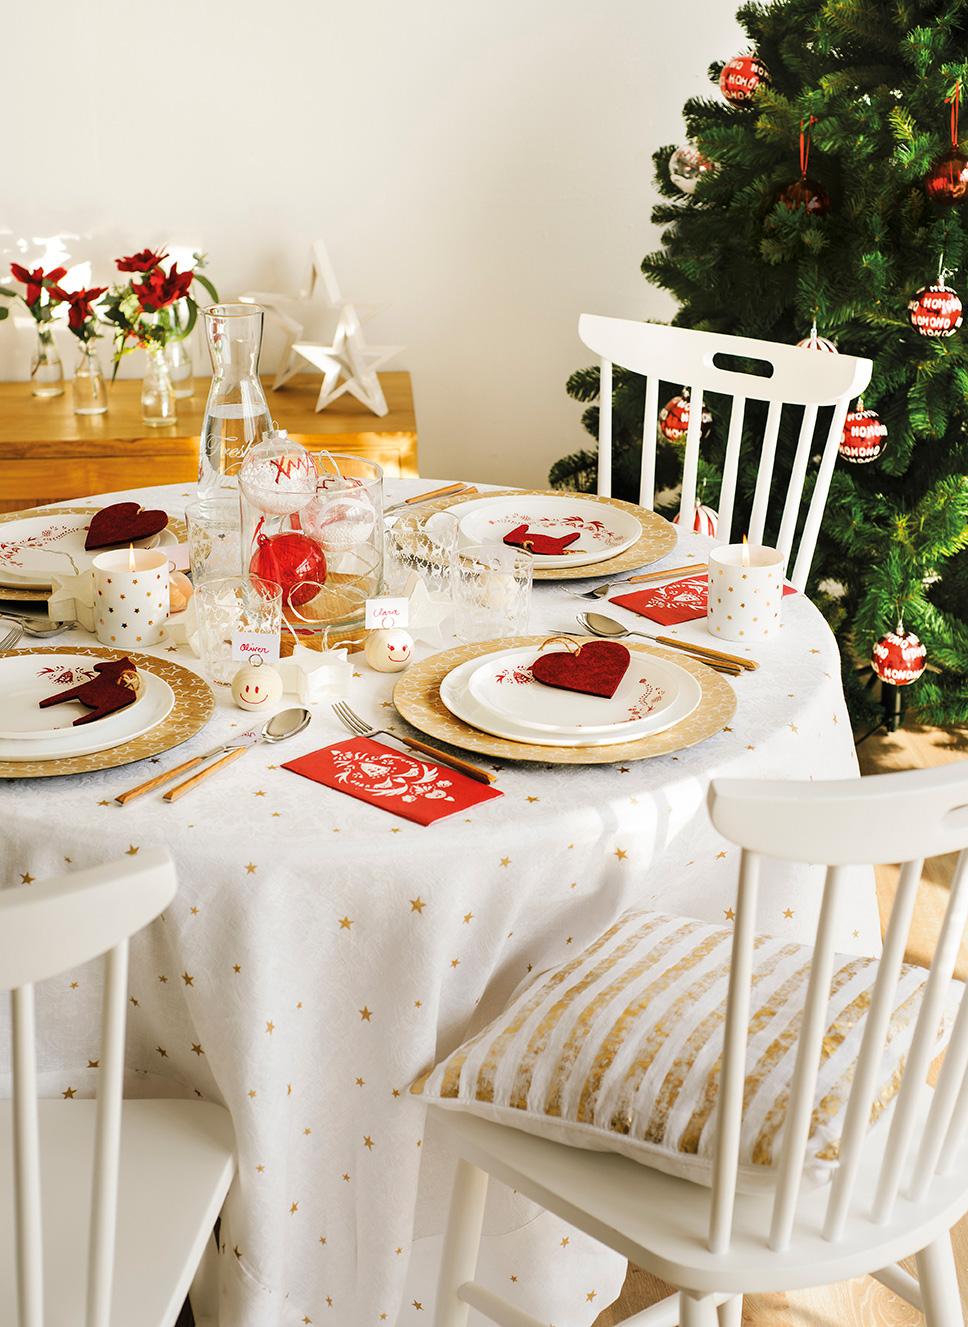 00444896. Mesa del comedor decorada en blanco, dorado y rojo junto al árbol de Navidad_00444896